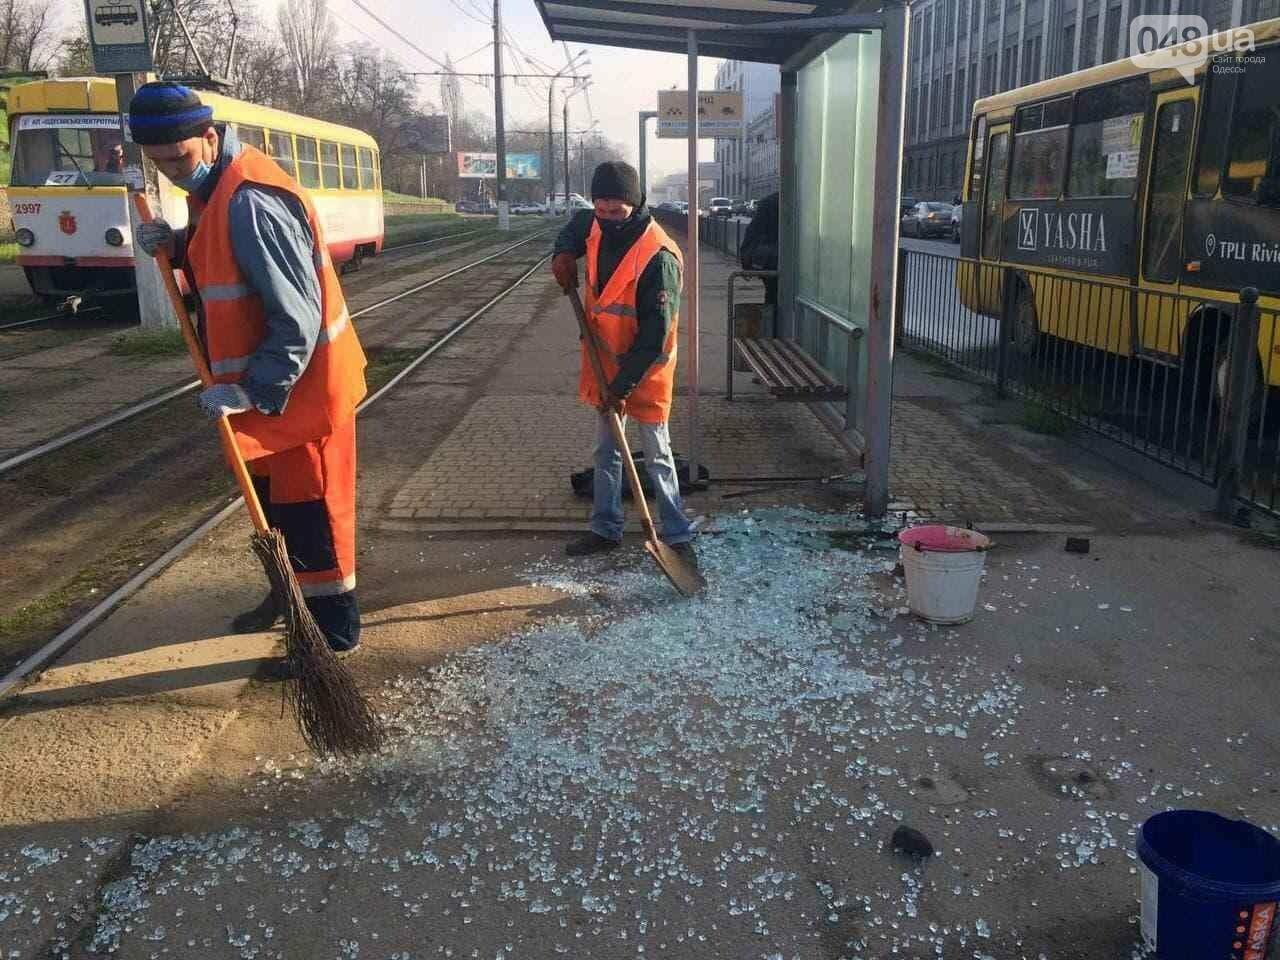 В Одессе ночью разбили стеклянную остановку,- ФОТО, фото-2